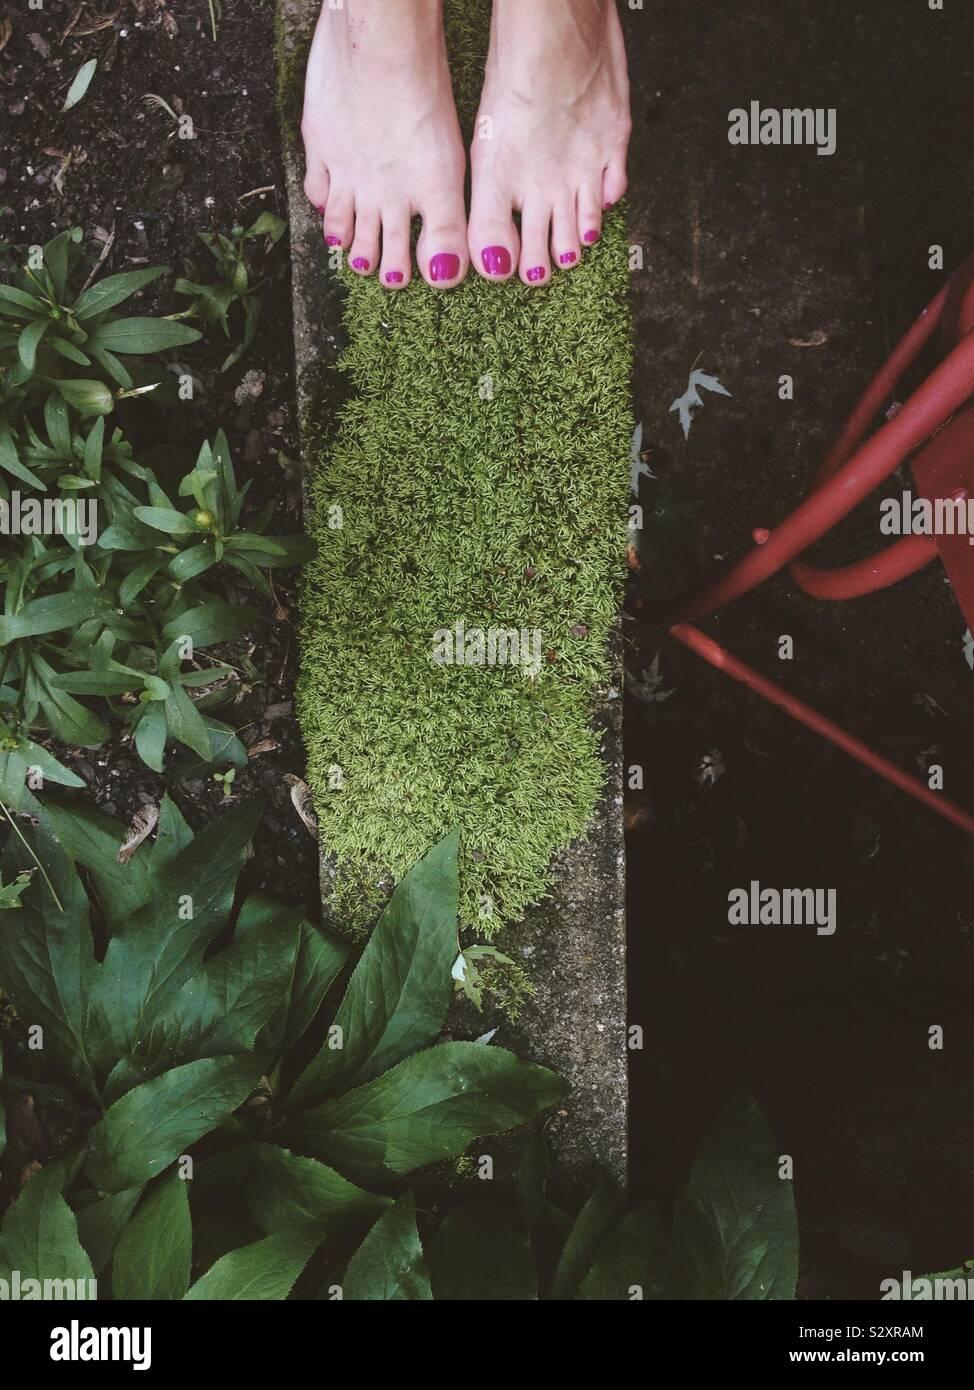 Fille debout sur un diviseur de parpaing moussue dans un jardin. Banque D'Images